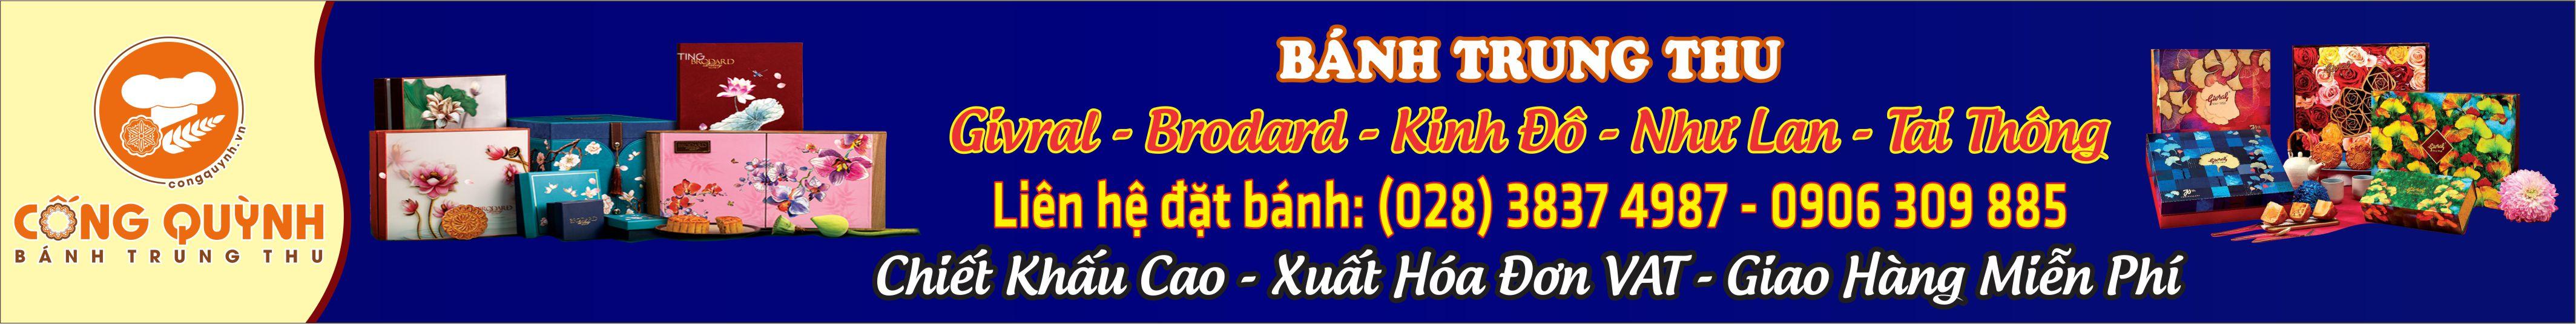 npp-banh-trung-thu-cong-quynh-2020-chinh-hang